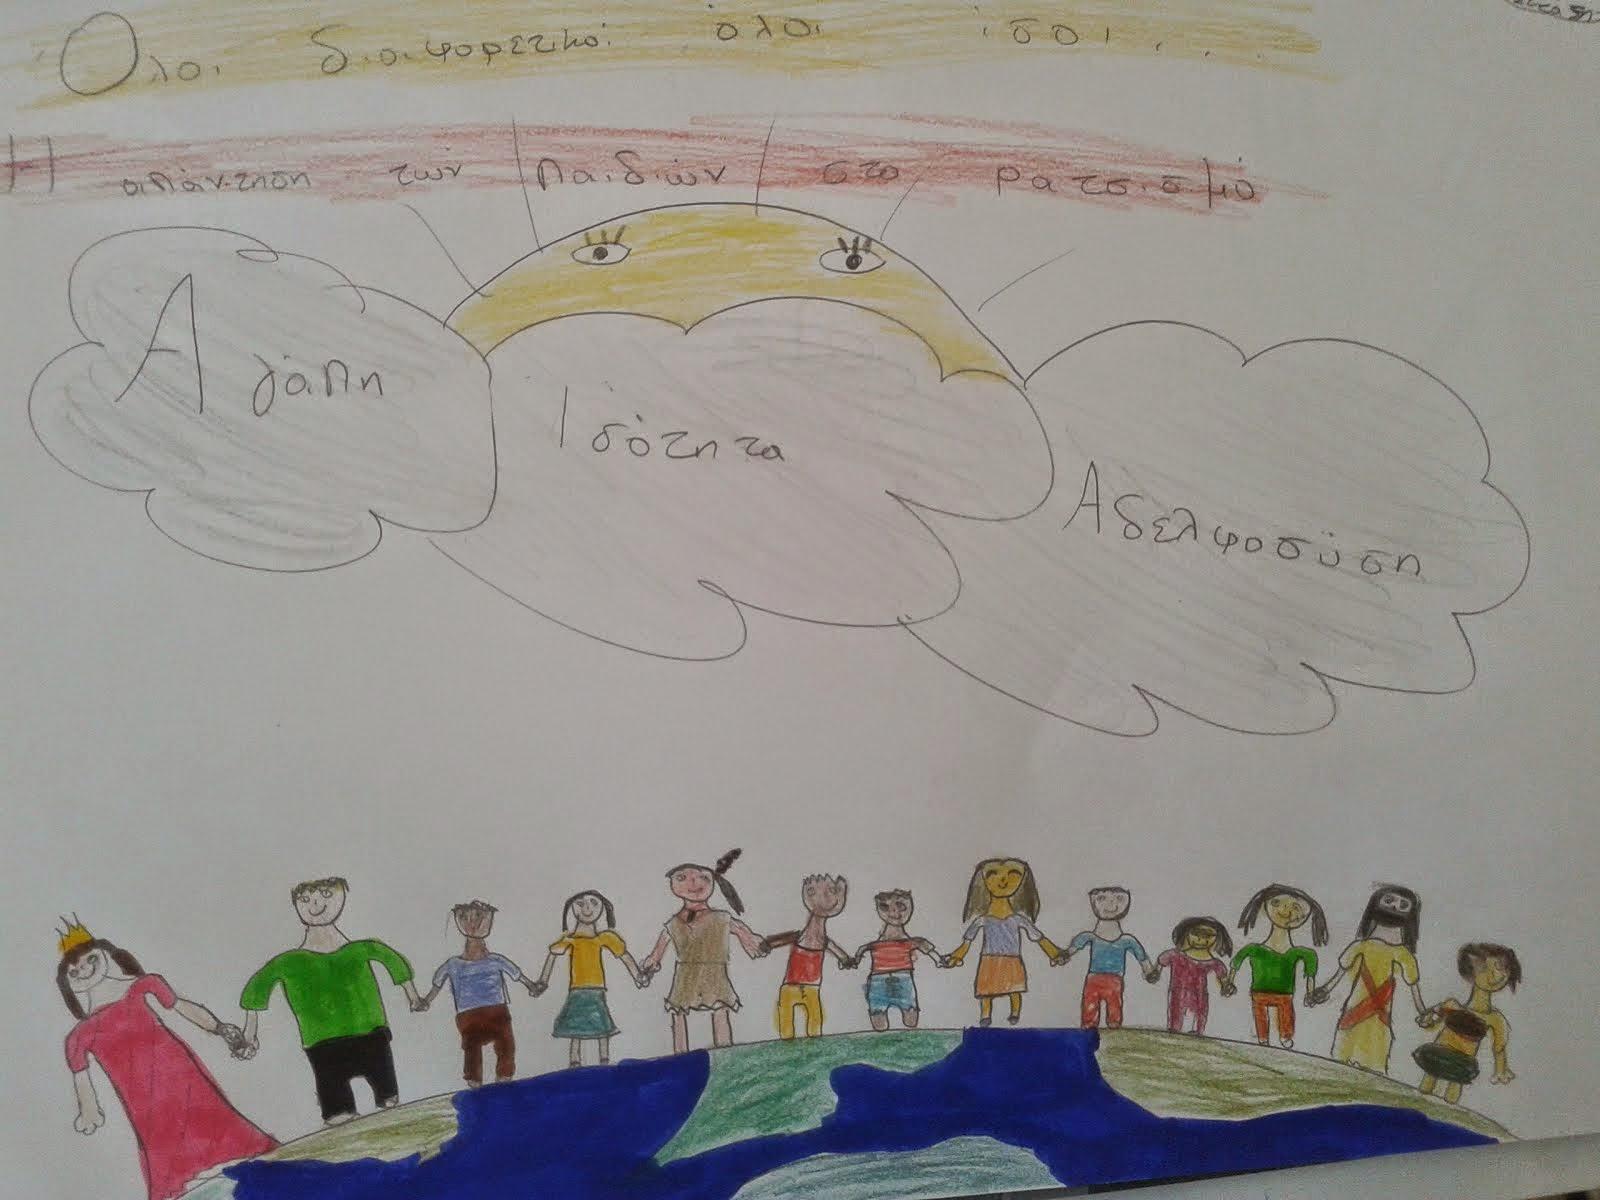 Το μήνυμά μας-Πανελλήνια Ημέρα Σχολικού Αθλητισμού